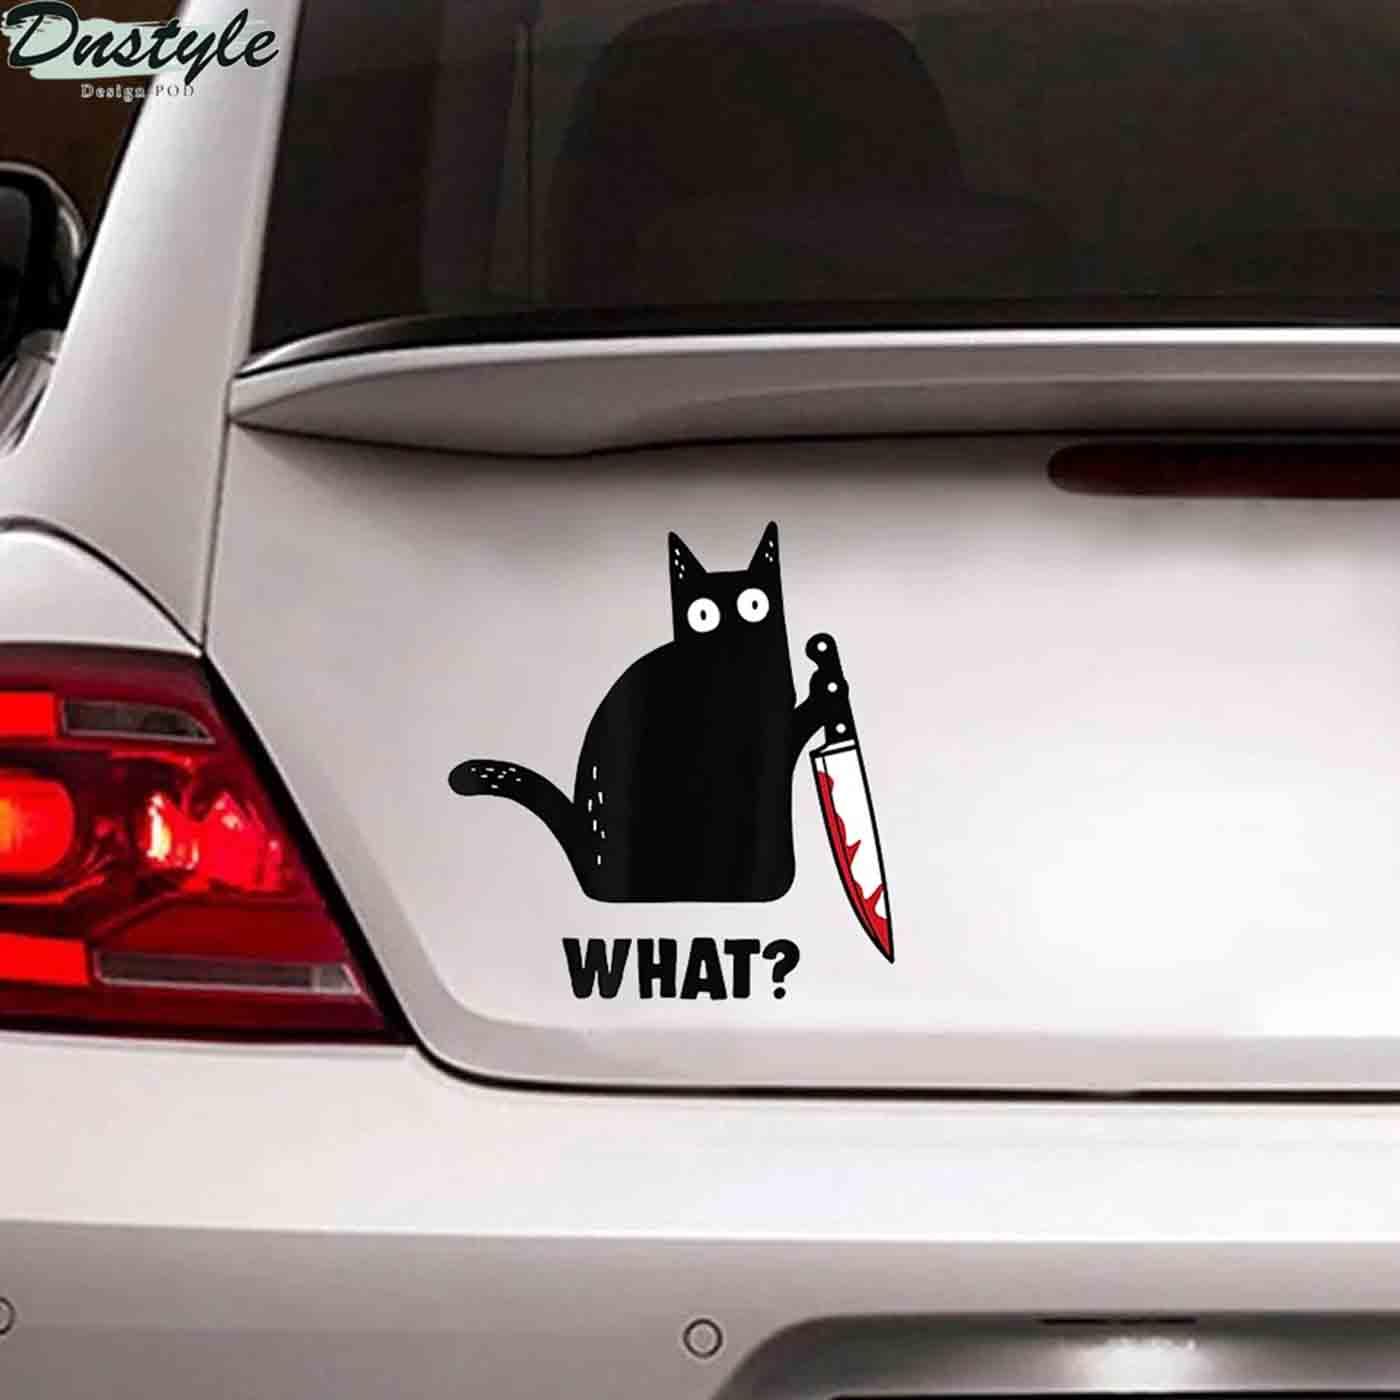 Black cat knife murder car decal sticker 2